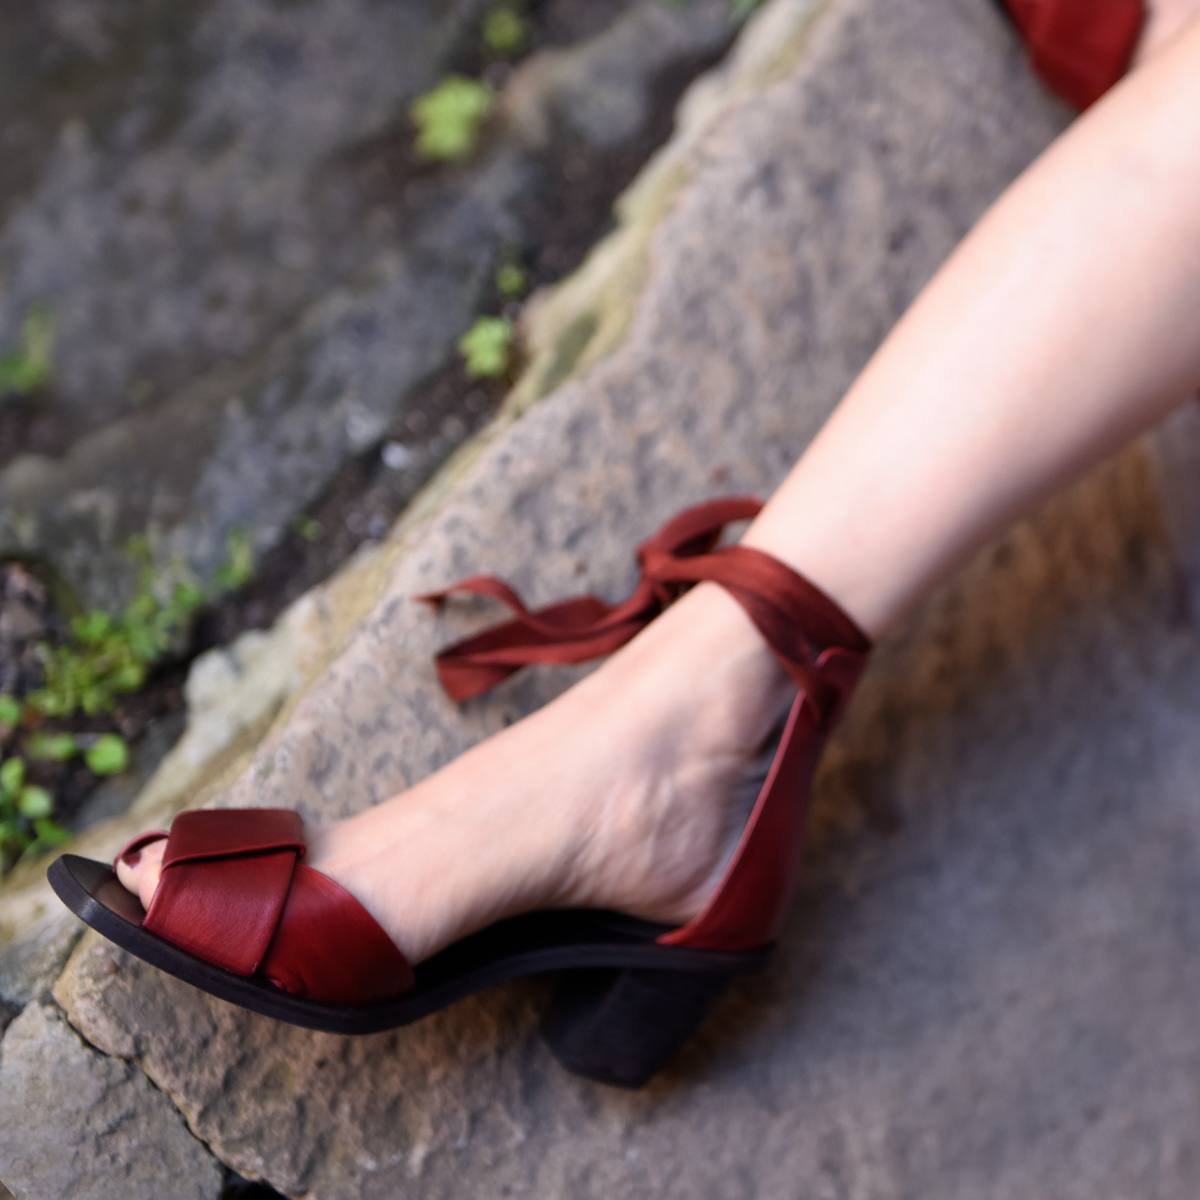 Artmu阿木原创欧美复古头层牛皮粗跟一字凉鞋女绑带高跟鞋新款